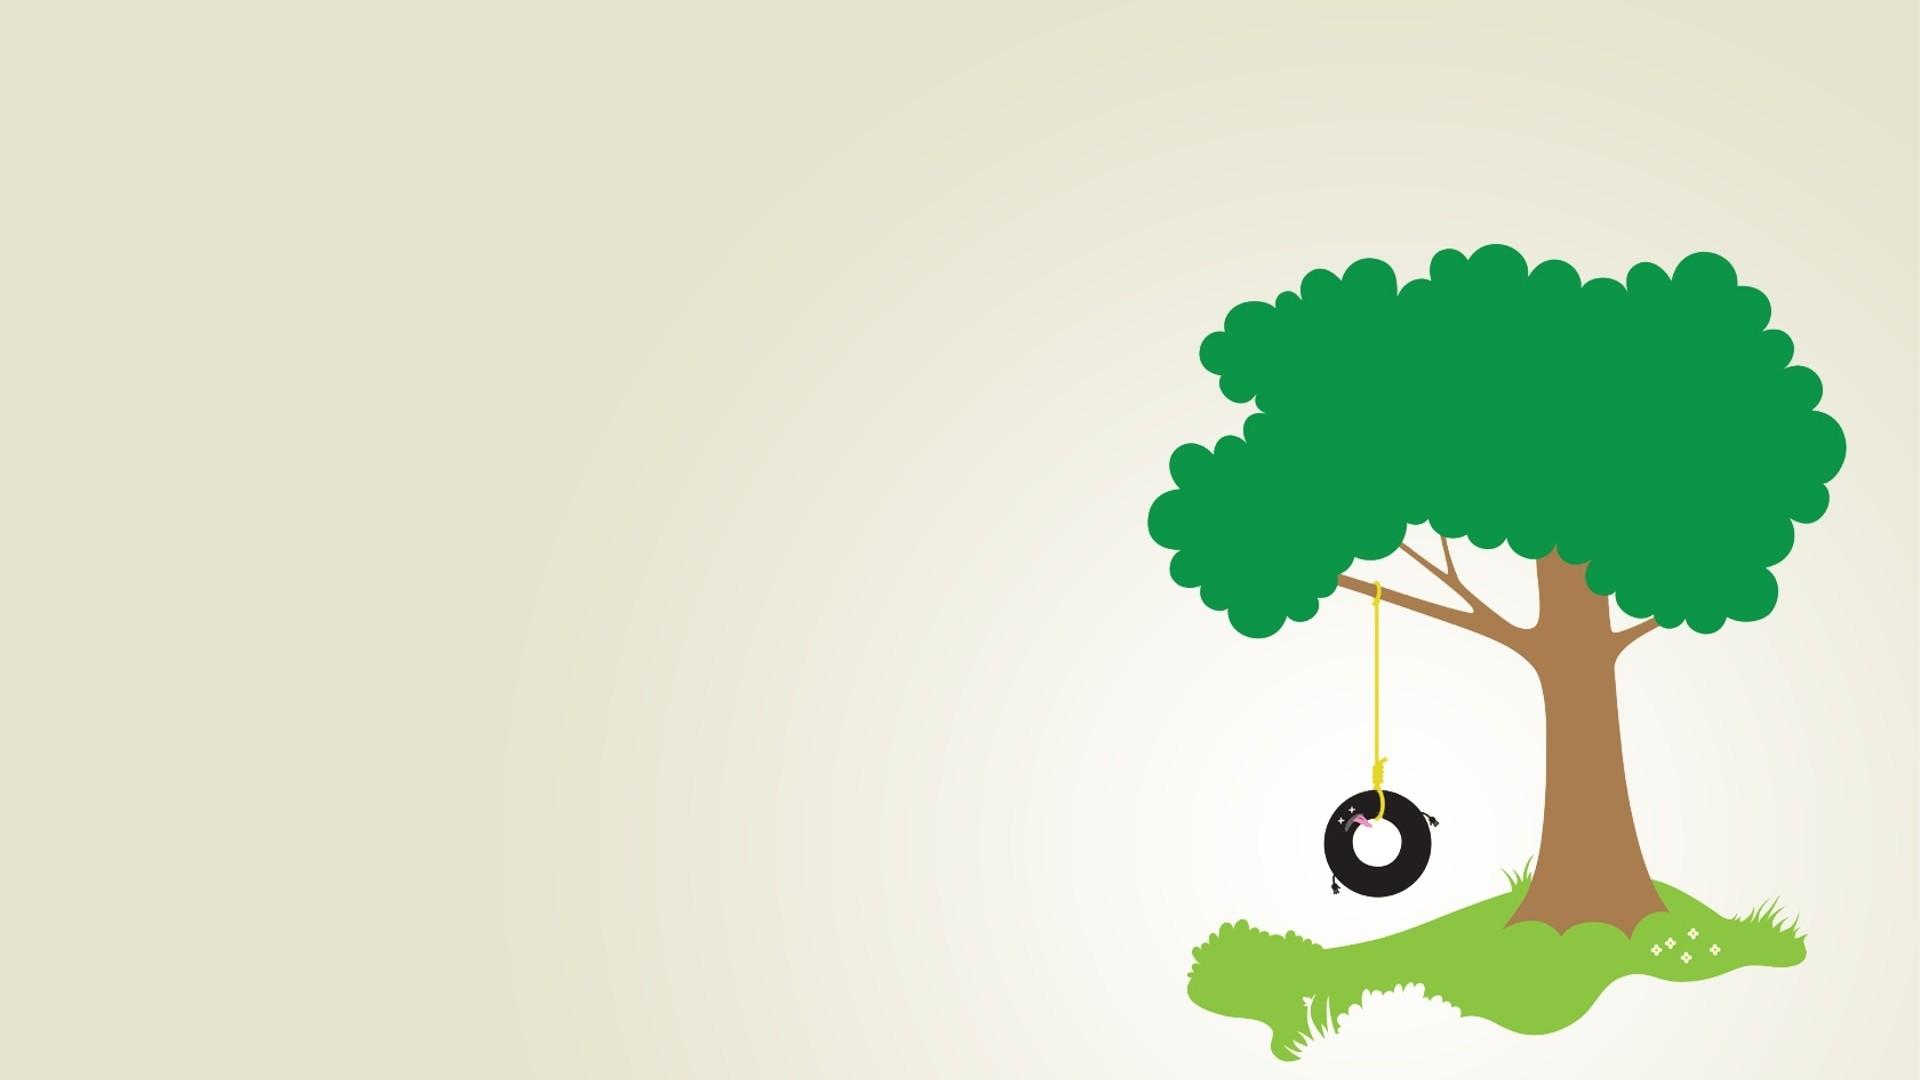 Tree Minimalist Free Wallpaper